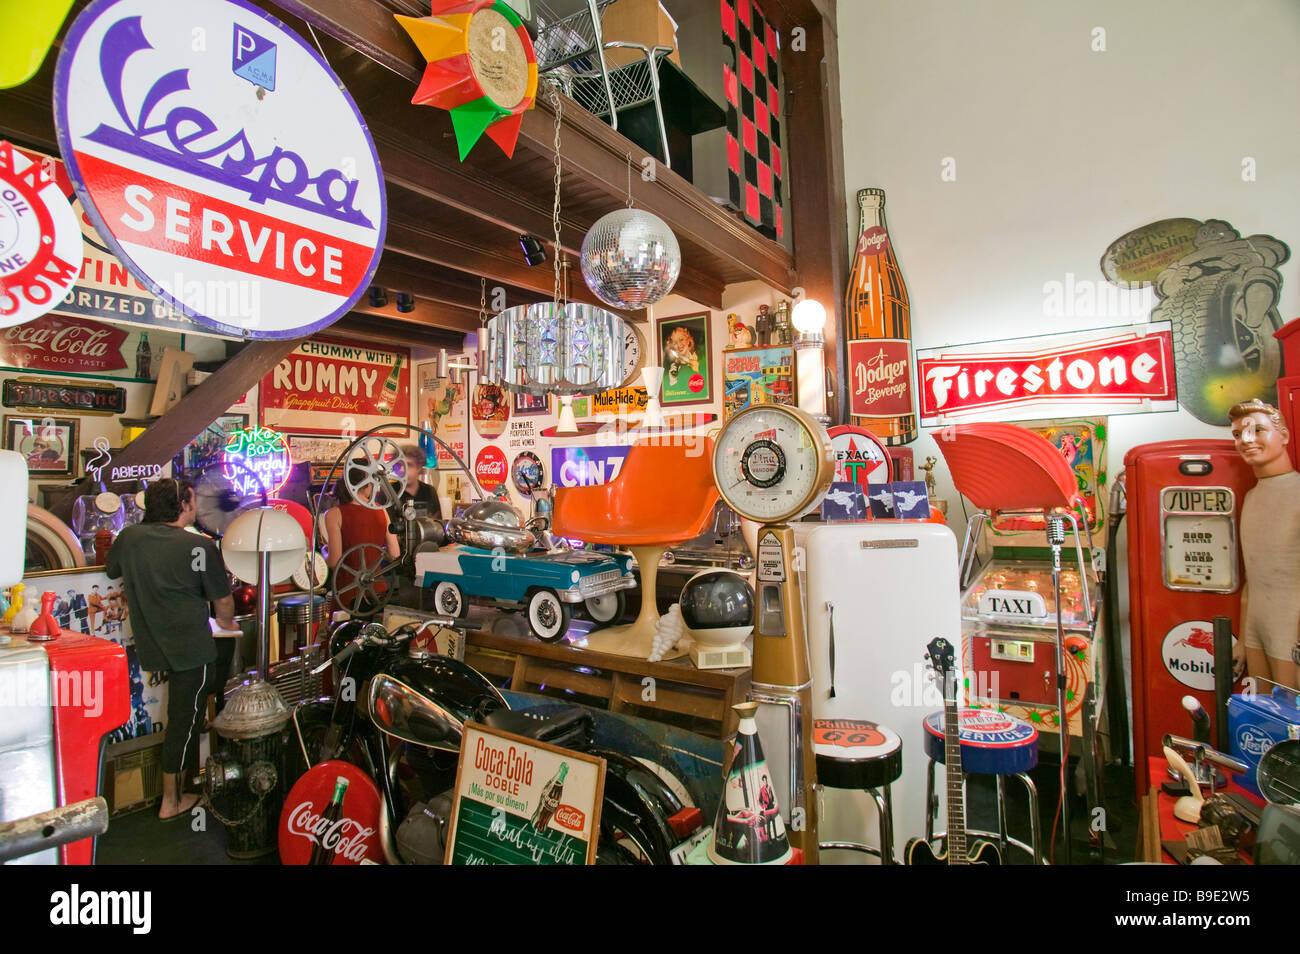 Vintage Furniture Shop Stock Photos & Vintage Furniture ...